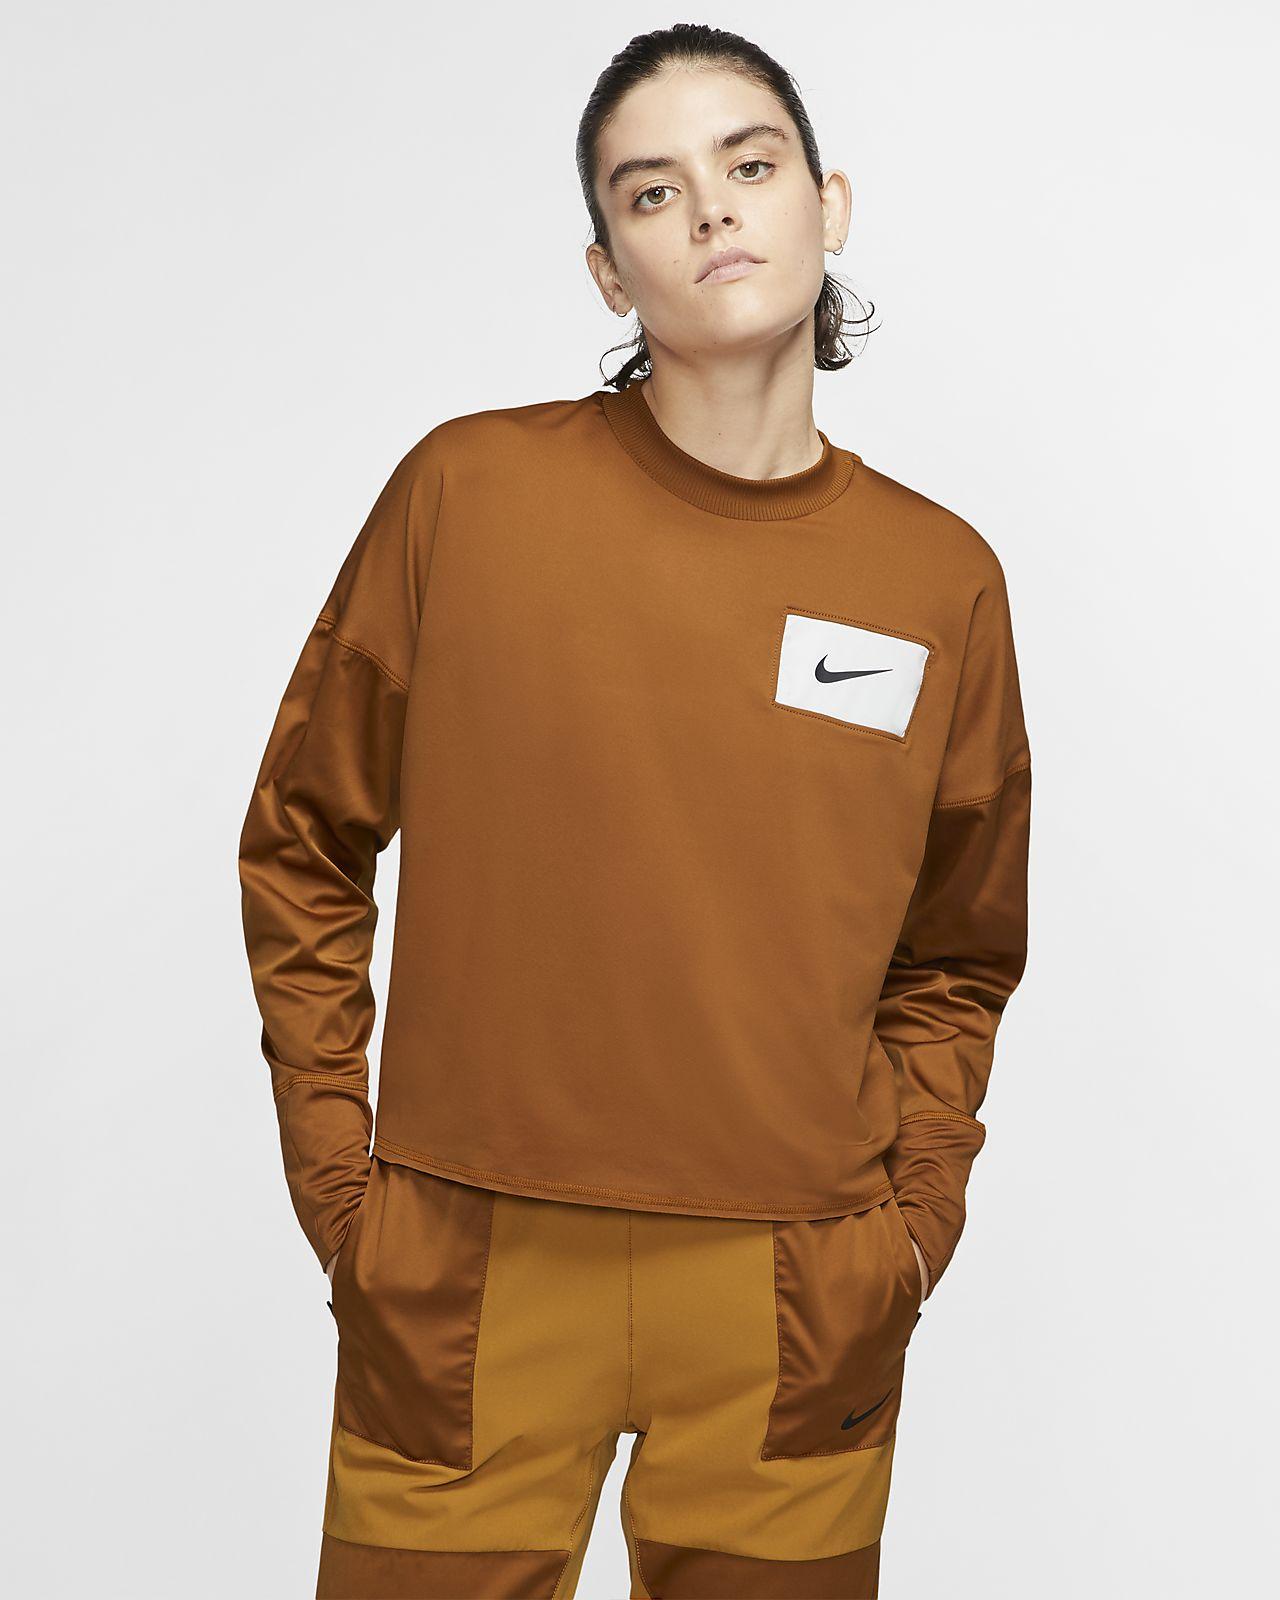 Γυναικεία ενδιάμεση μπλούζα για τρέξιμο Nike